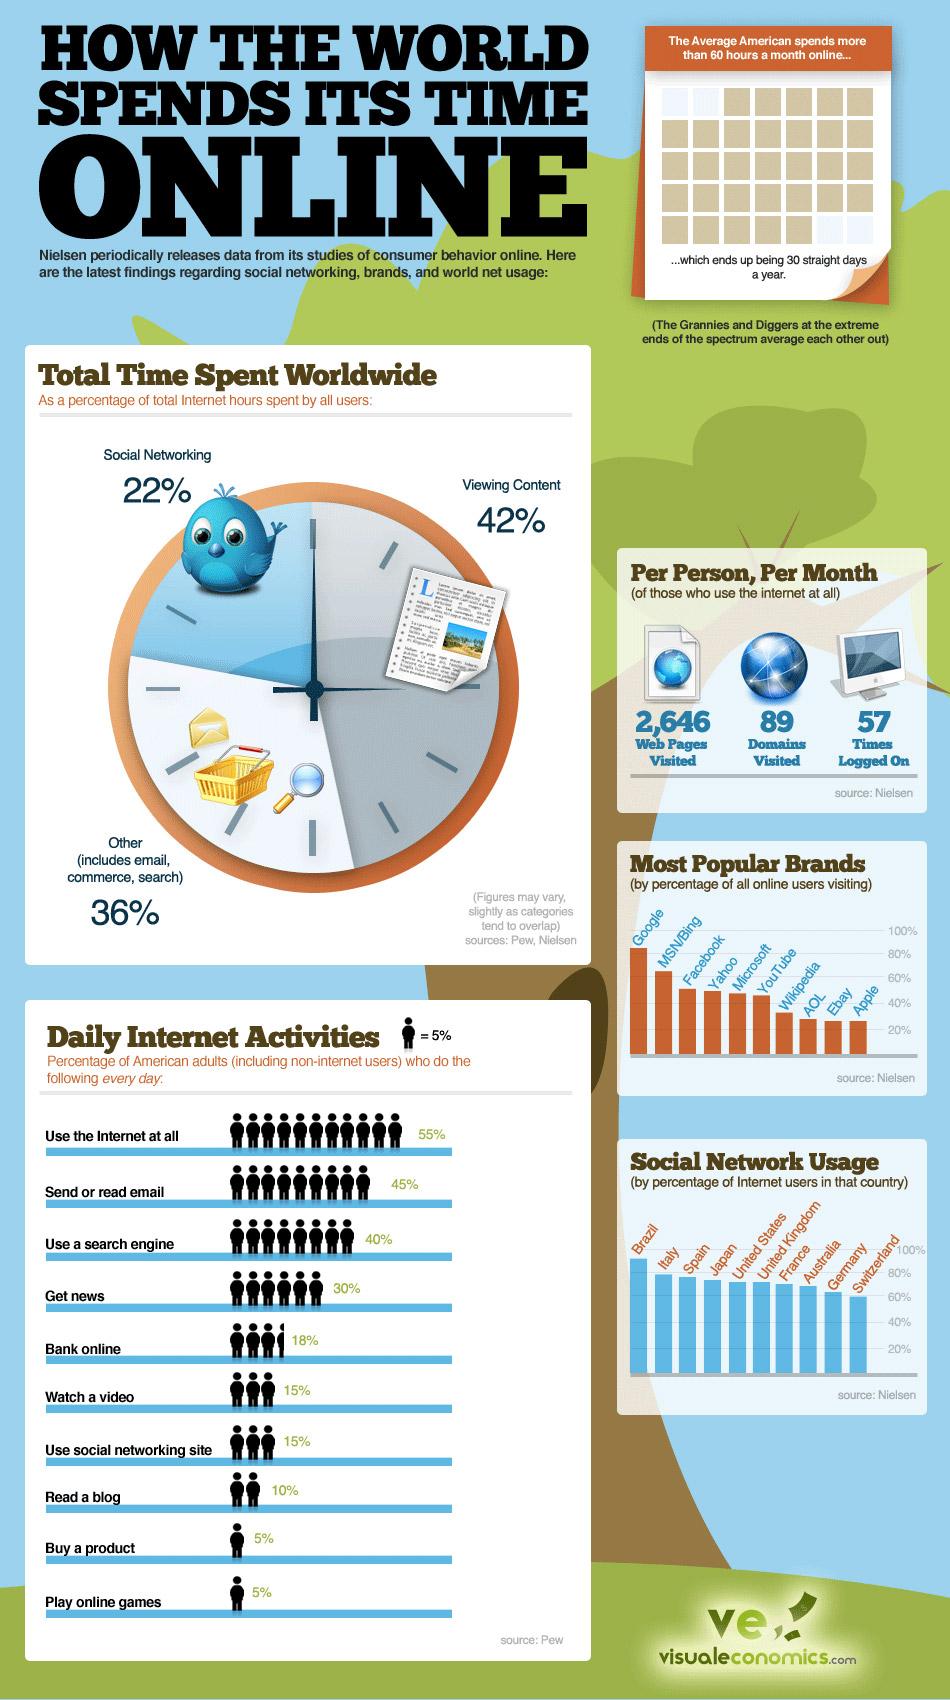 Como o Mundo Gasta Seu Tempo Online [Infográfico]